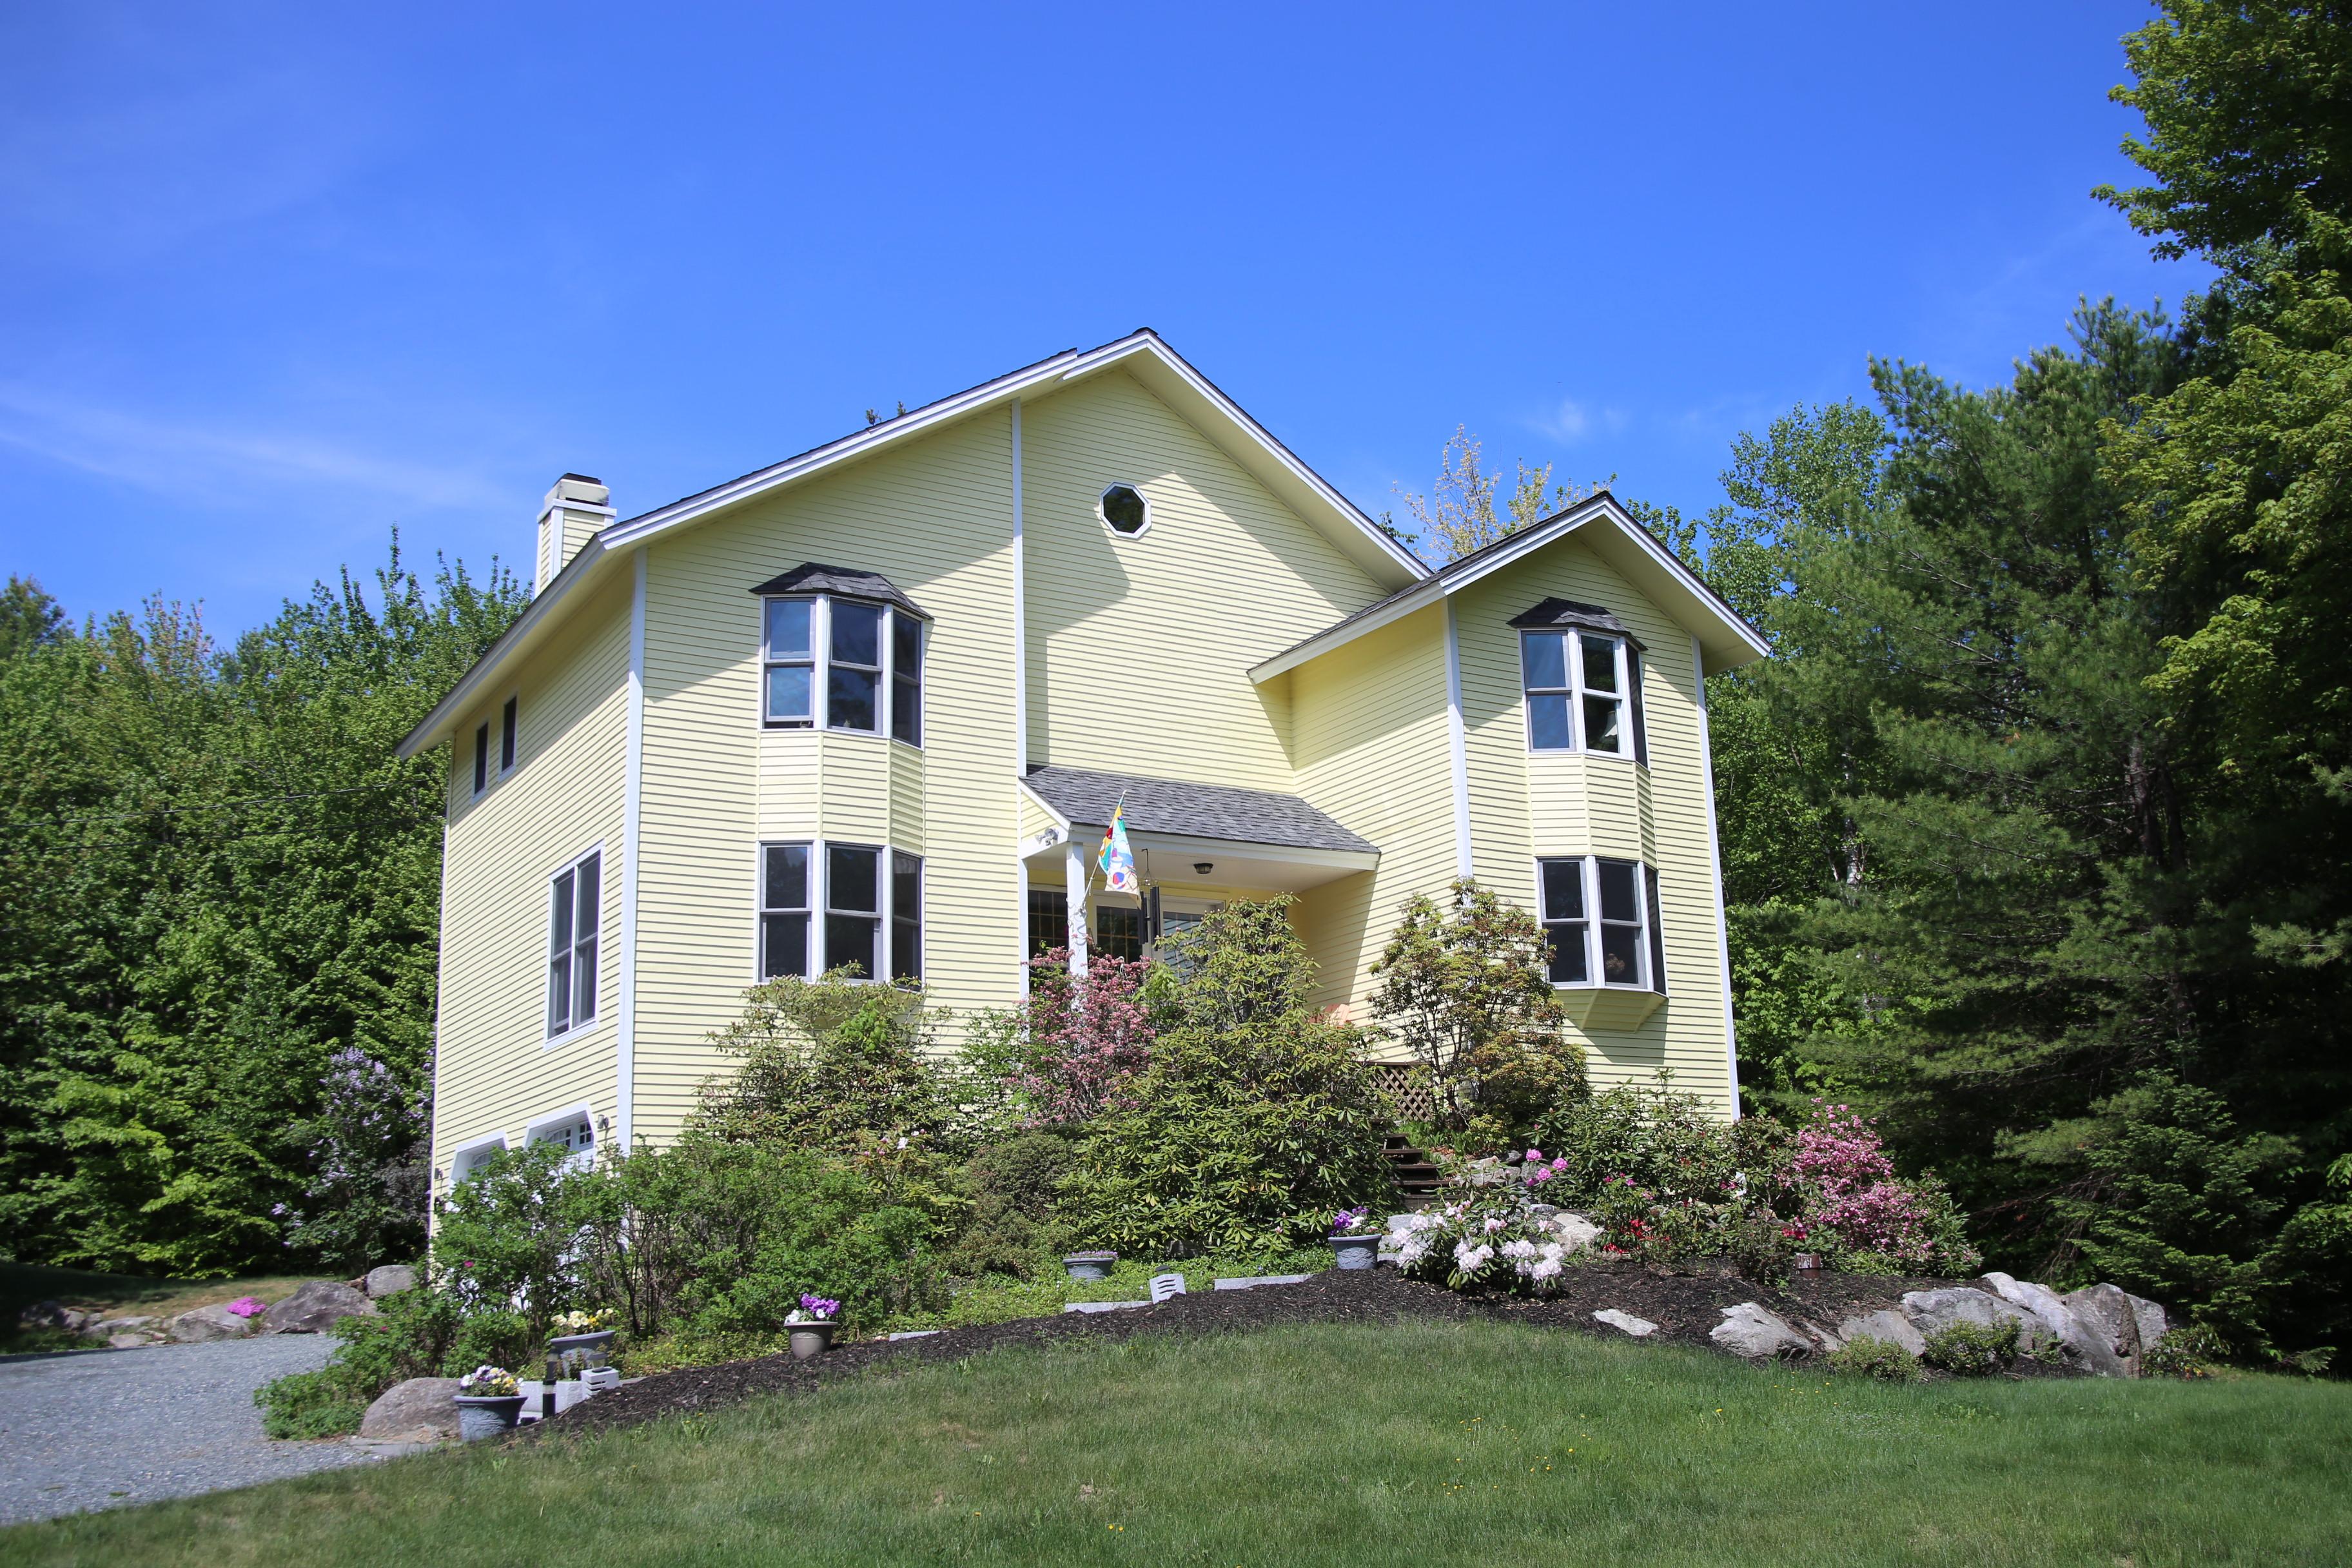 独户住宅 为 销售 在 62 Woodland Trace, New London New London, 新罕布什尔州 03257 美国